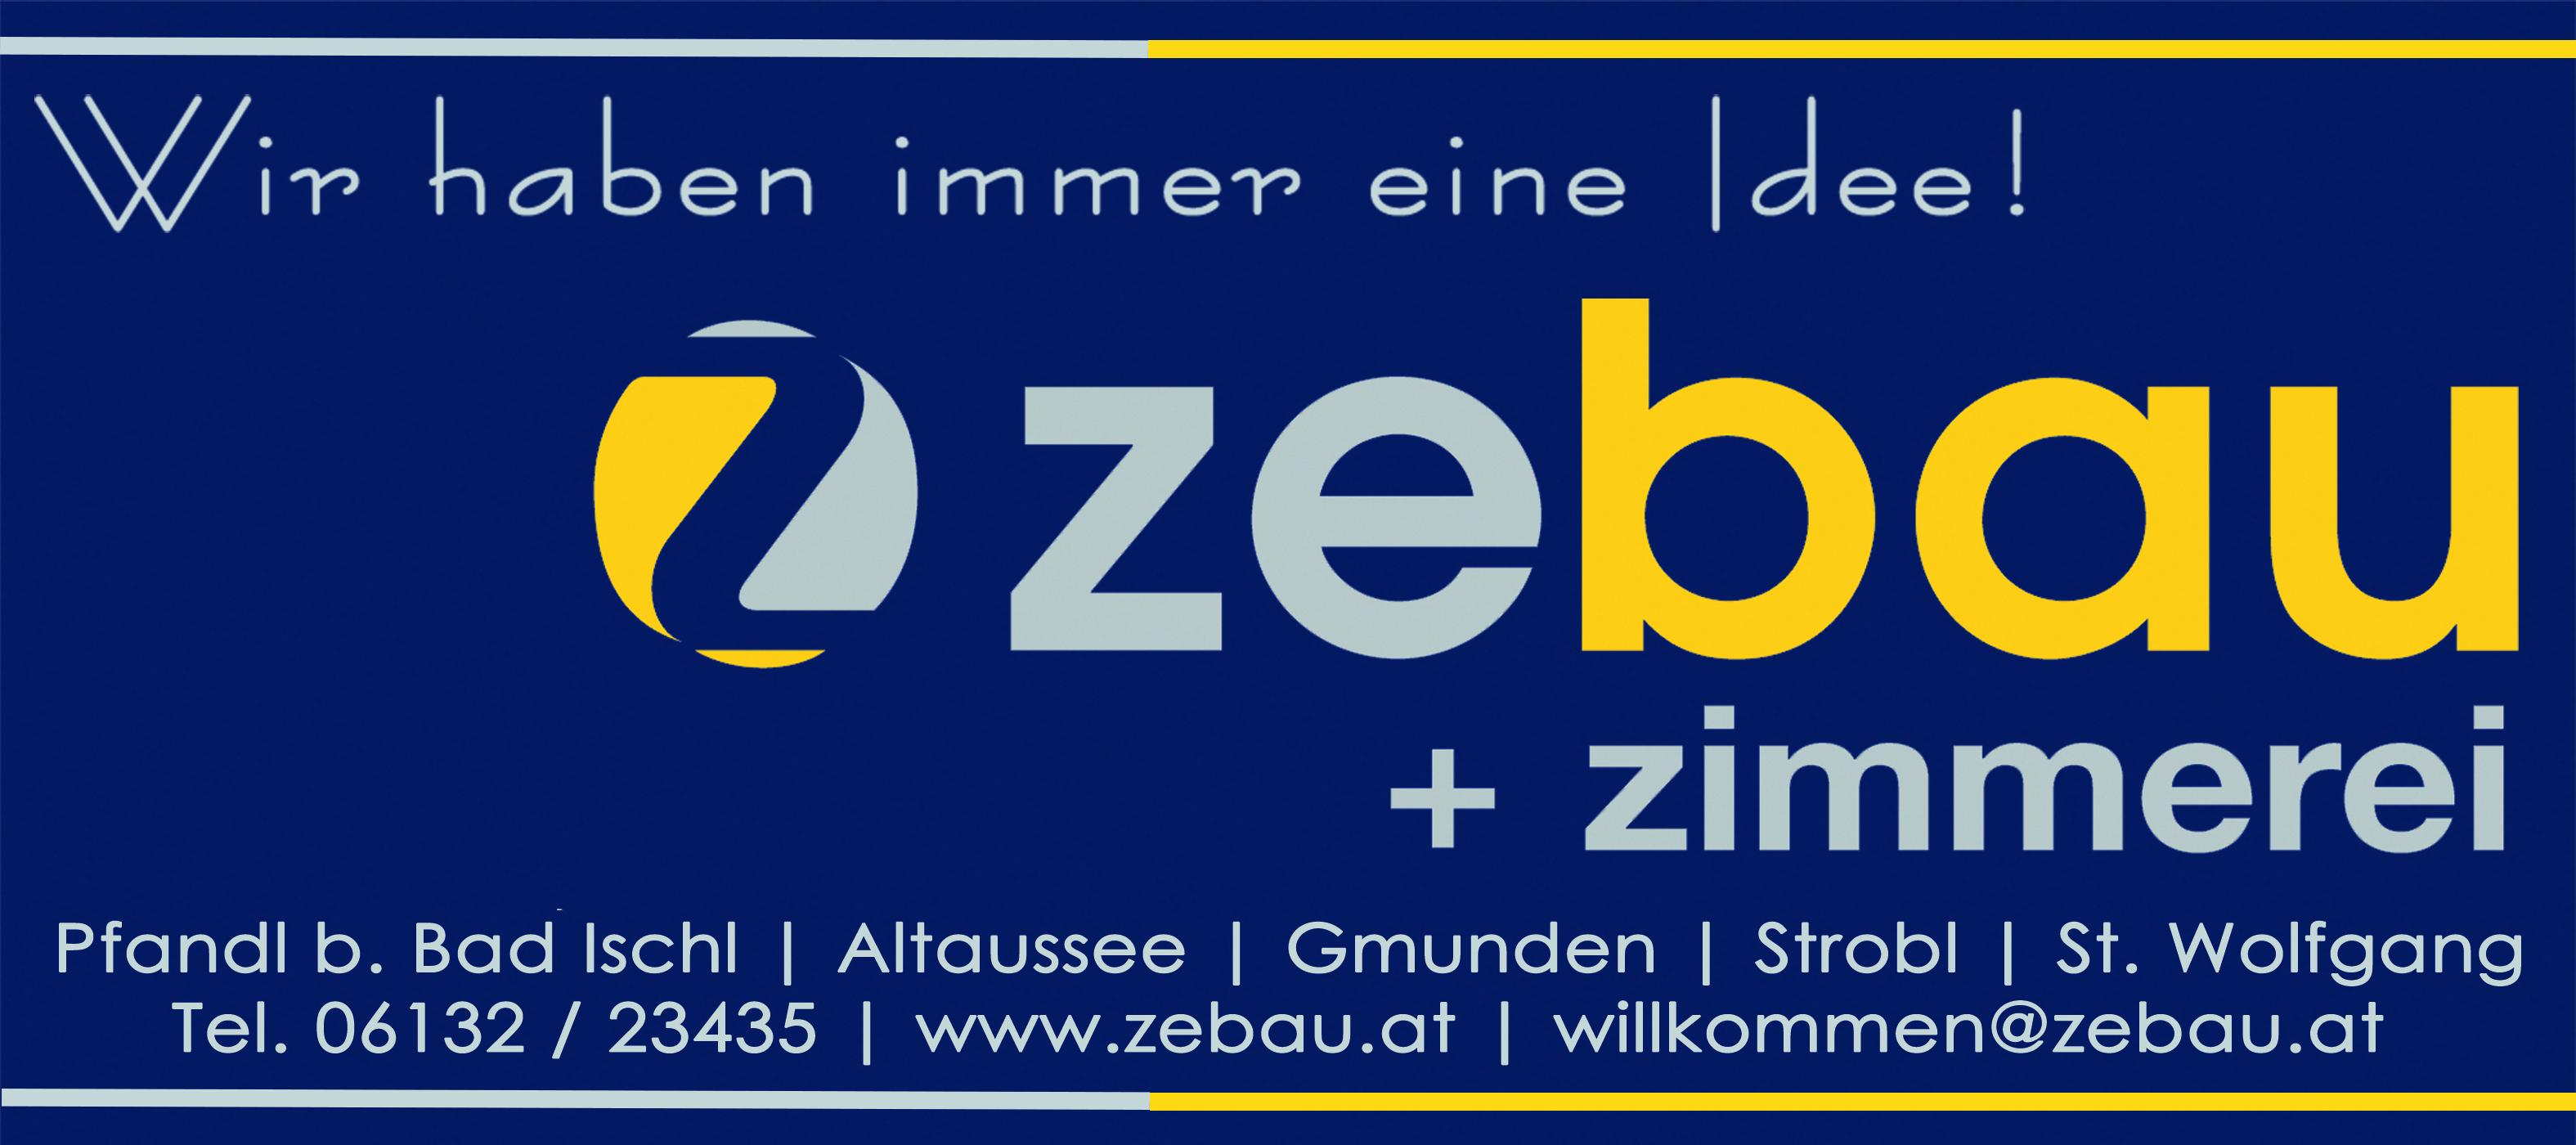 Sponsor - Zebau